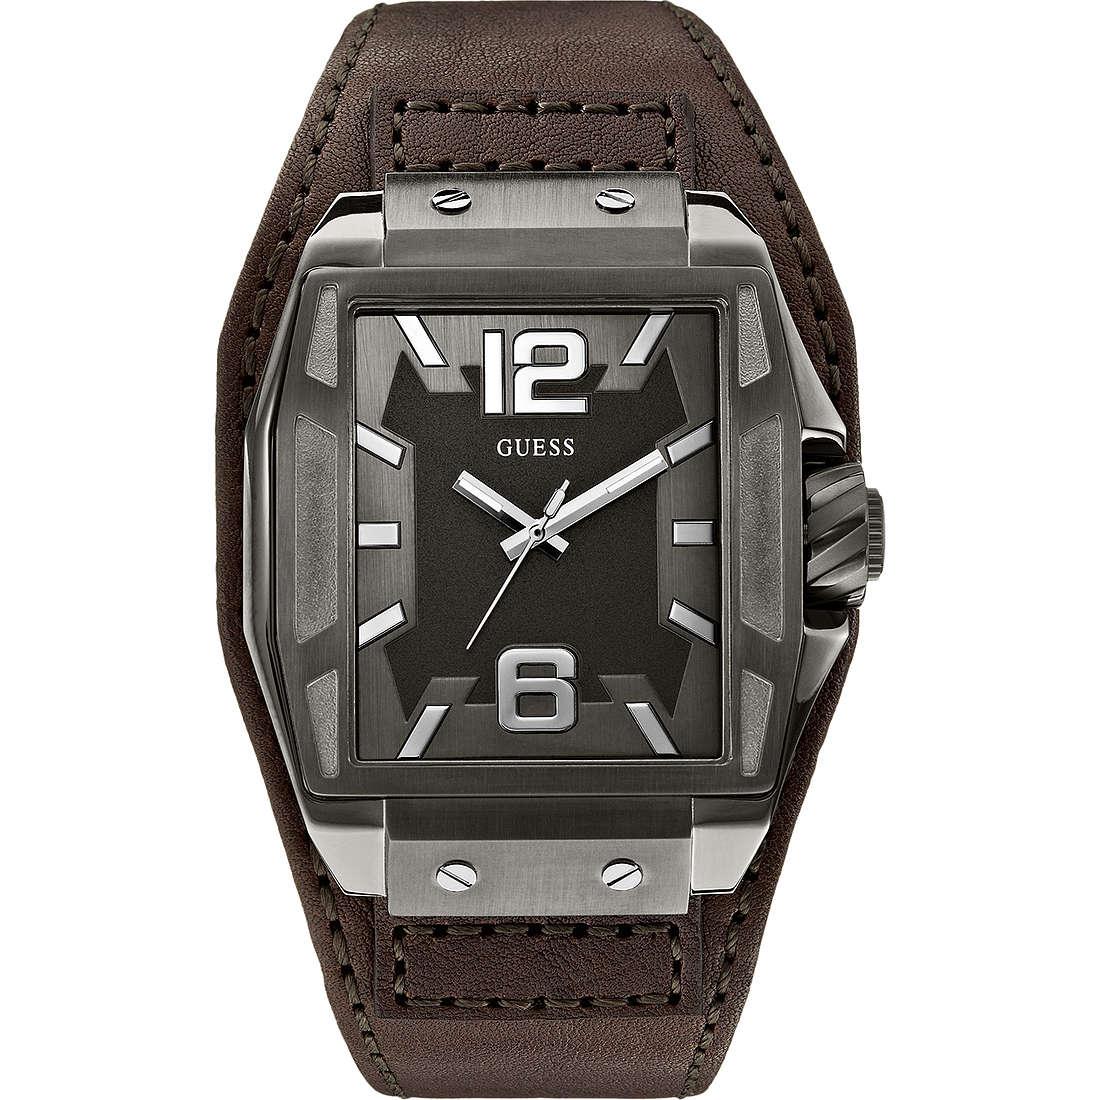 orologio solo tempo uomo Guess Settembre 2013 W0267G1